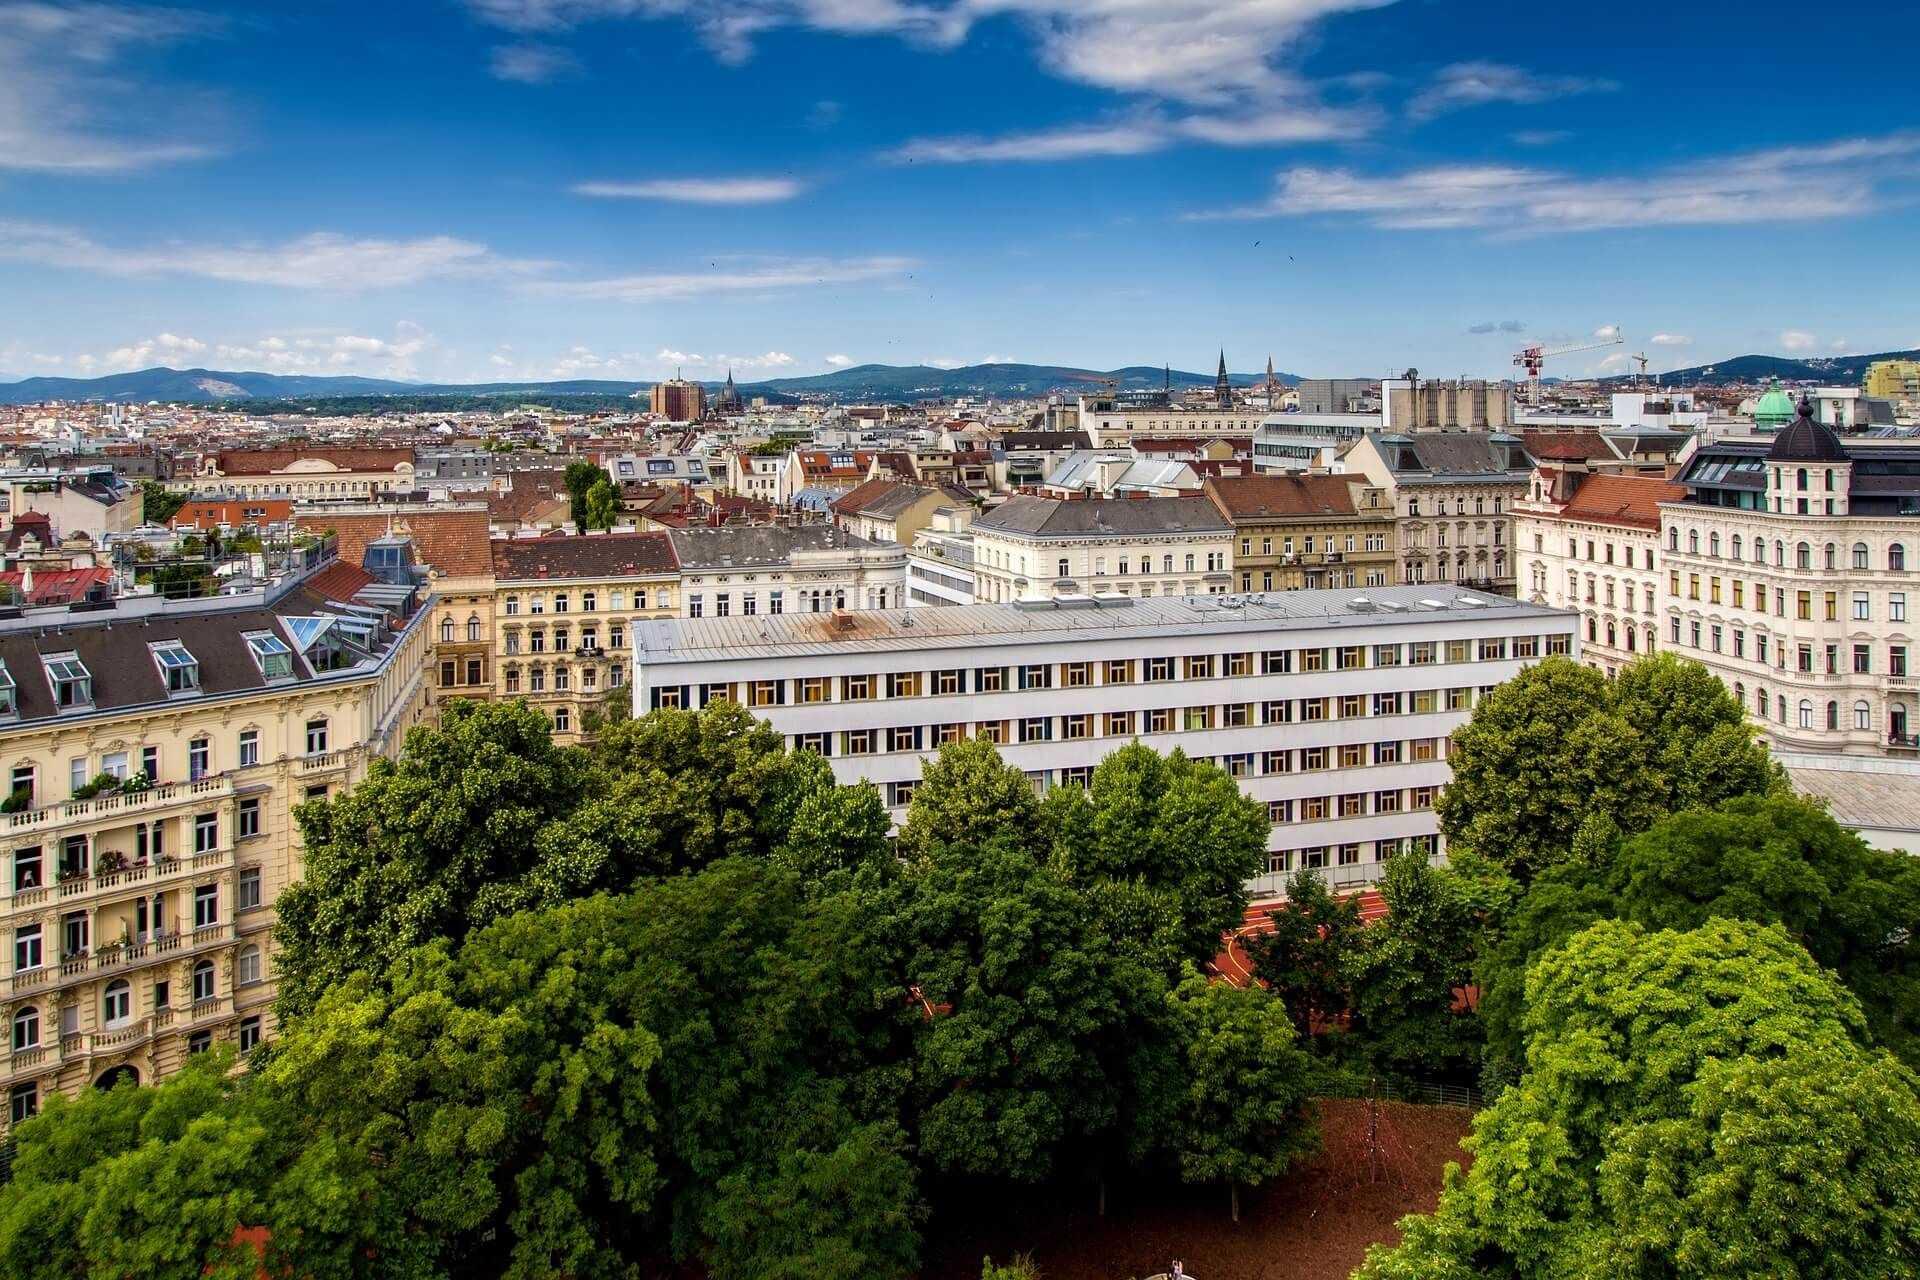 Direktflüge ab Wien